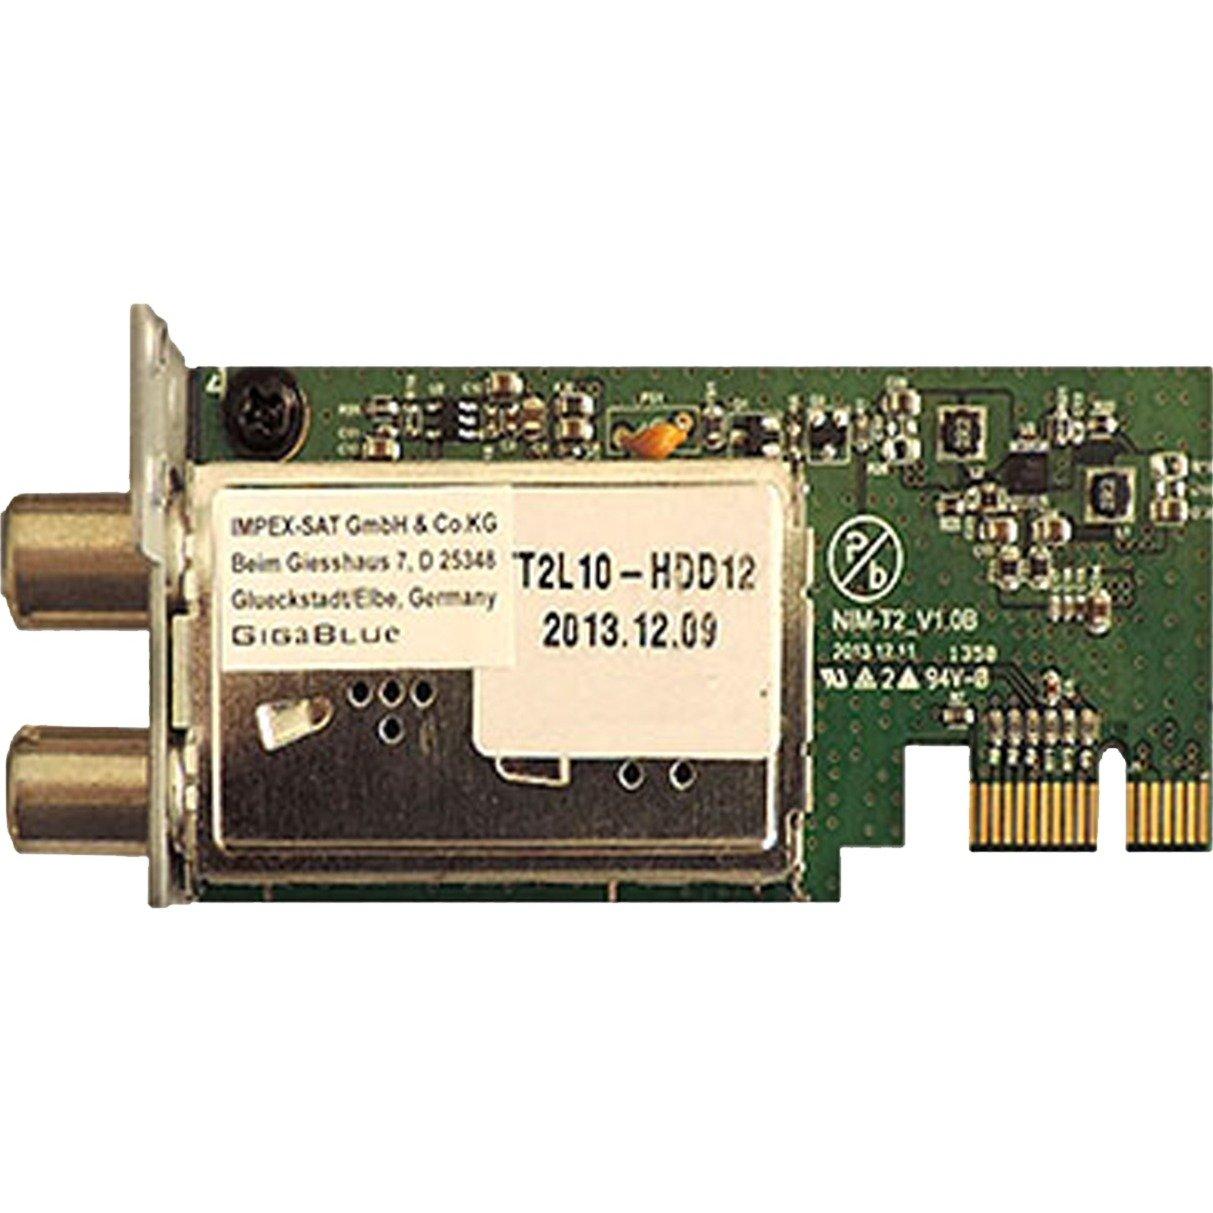 DVB-C/T2 Hybrid Tuner